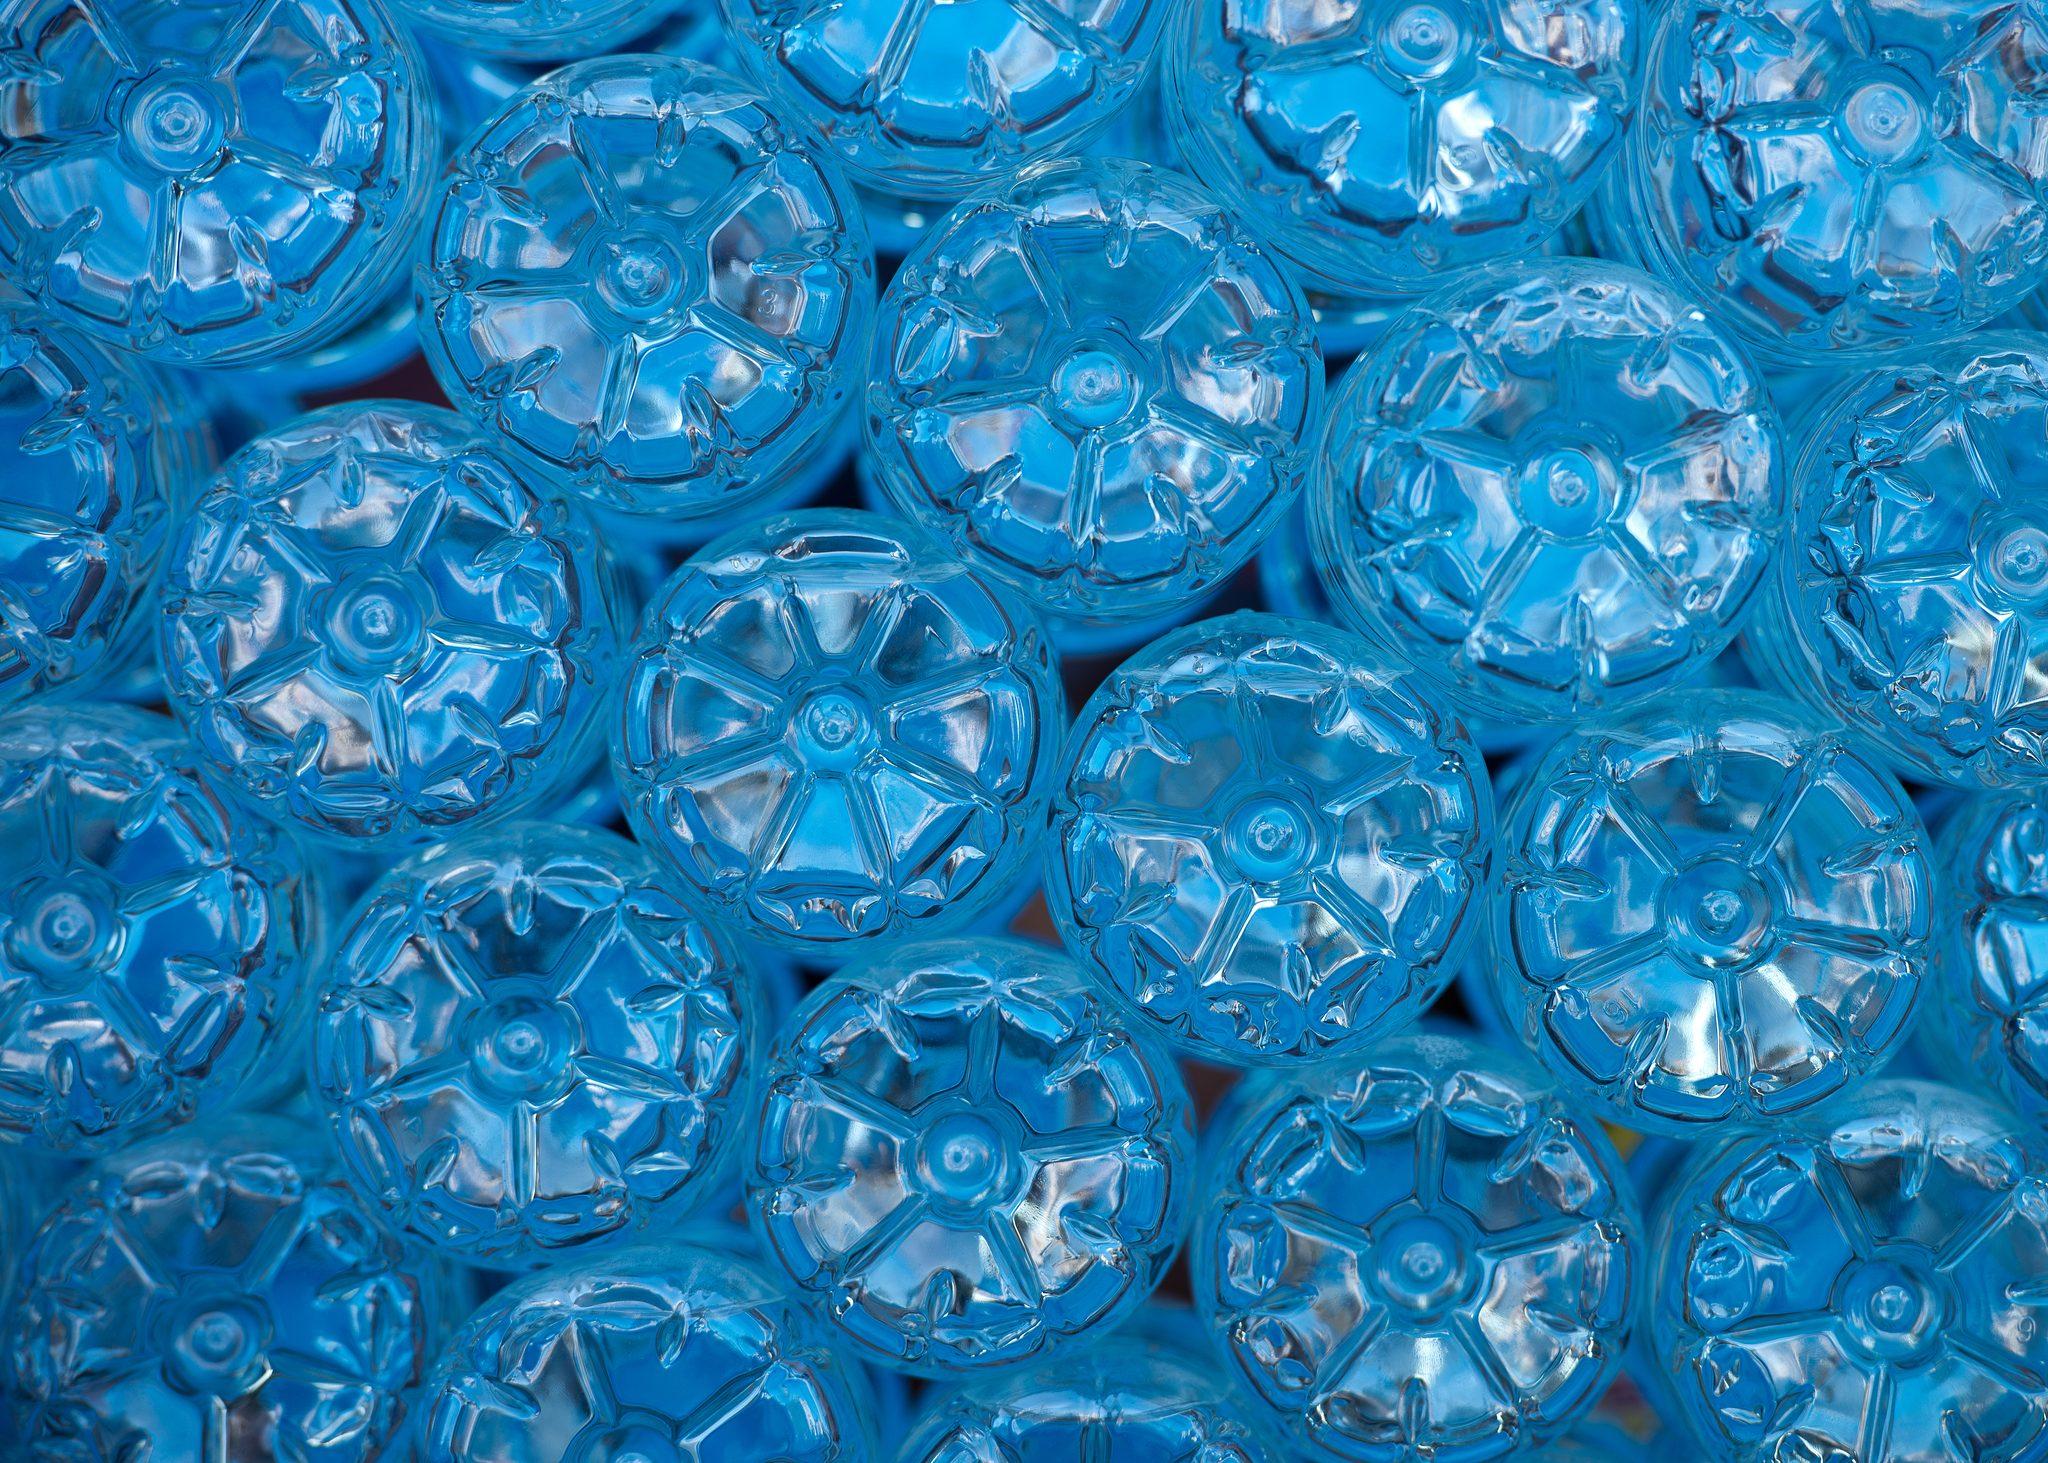 vaso giardino riciclo plastica